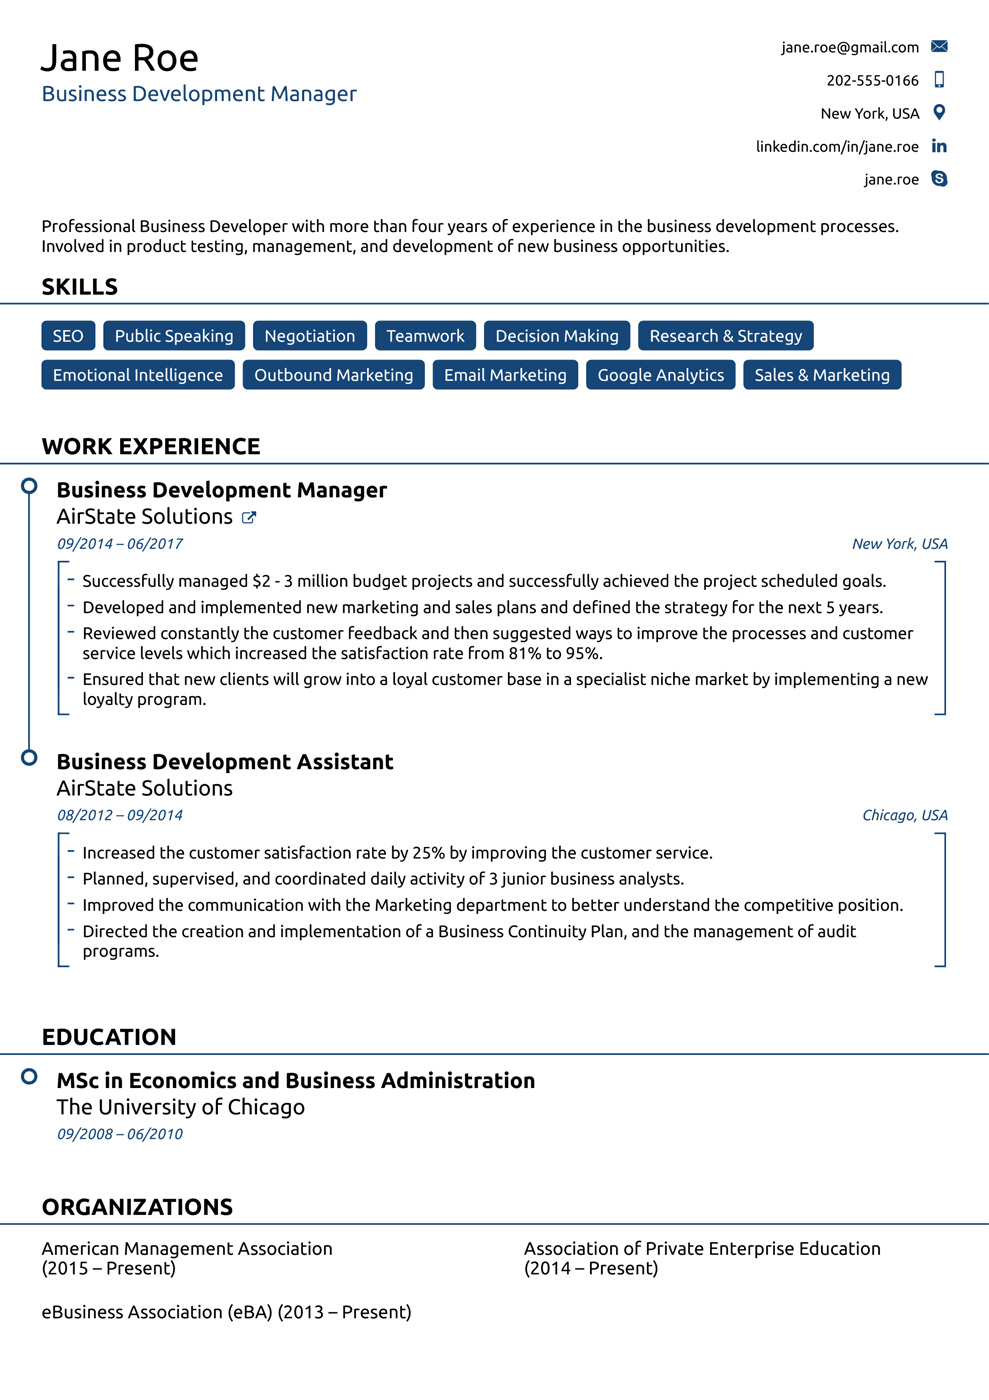 Resume और CV में अंतर आसान भाषा में|